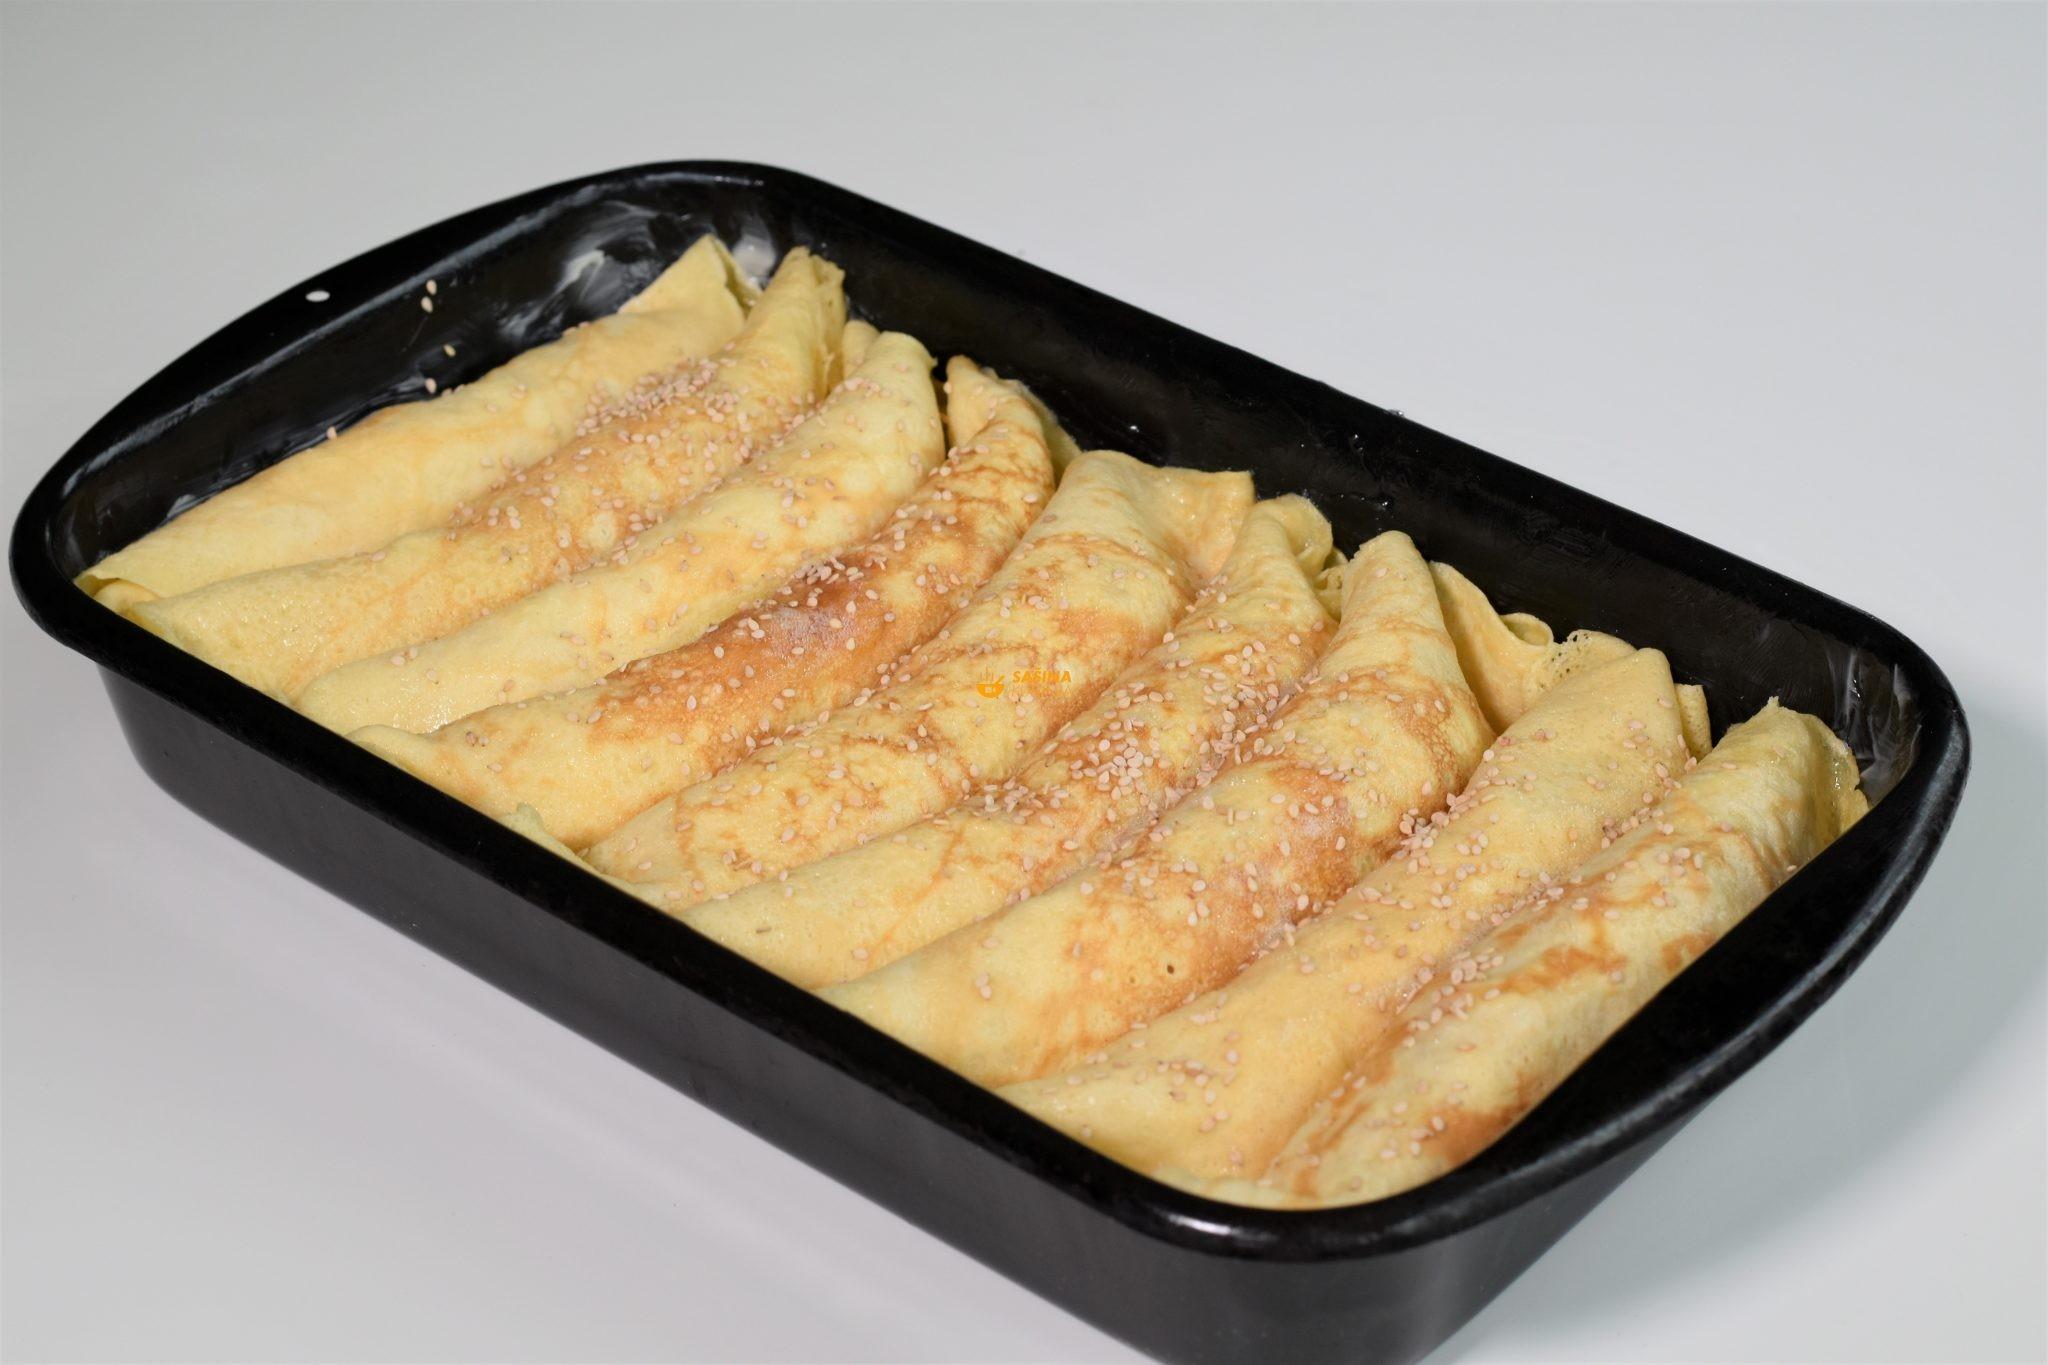 zapačene palačinke punjene šunkom i sirom